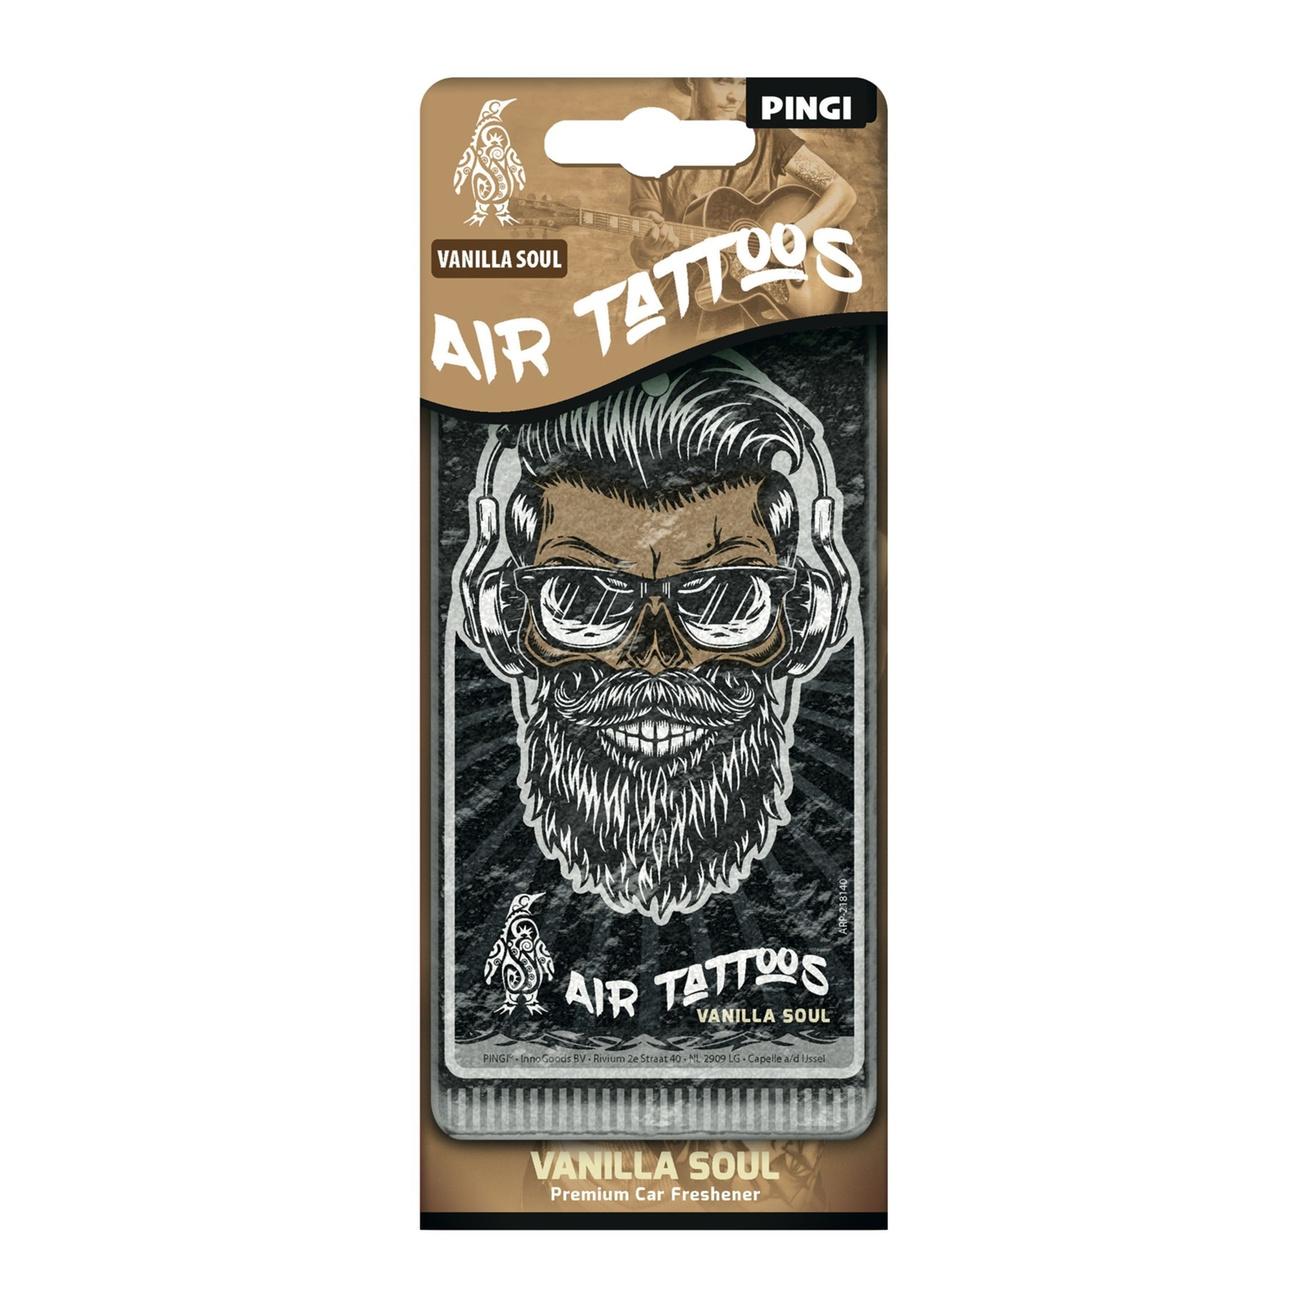 PINGI Air Tattoos, Vanilla Soul